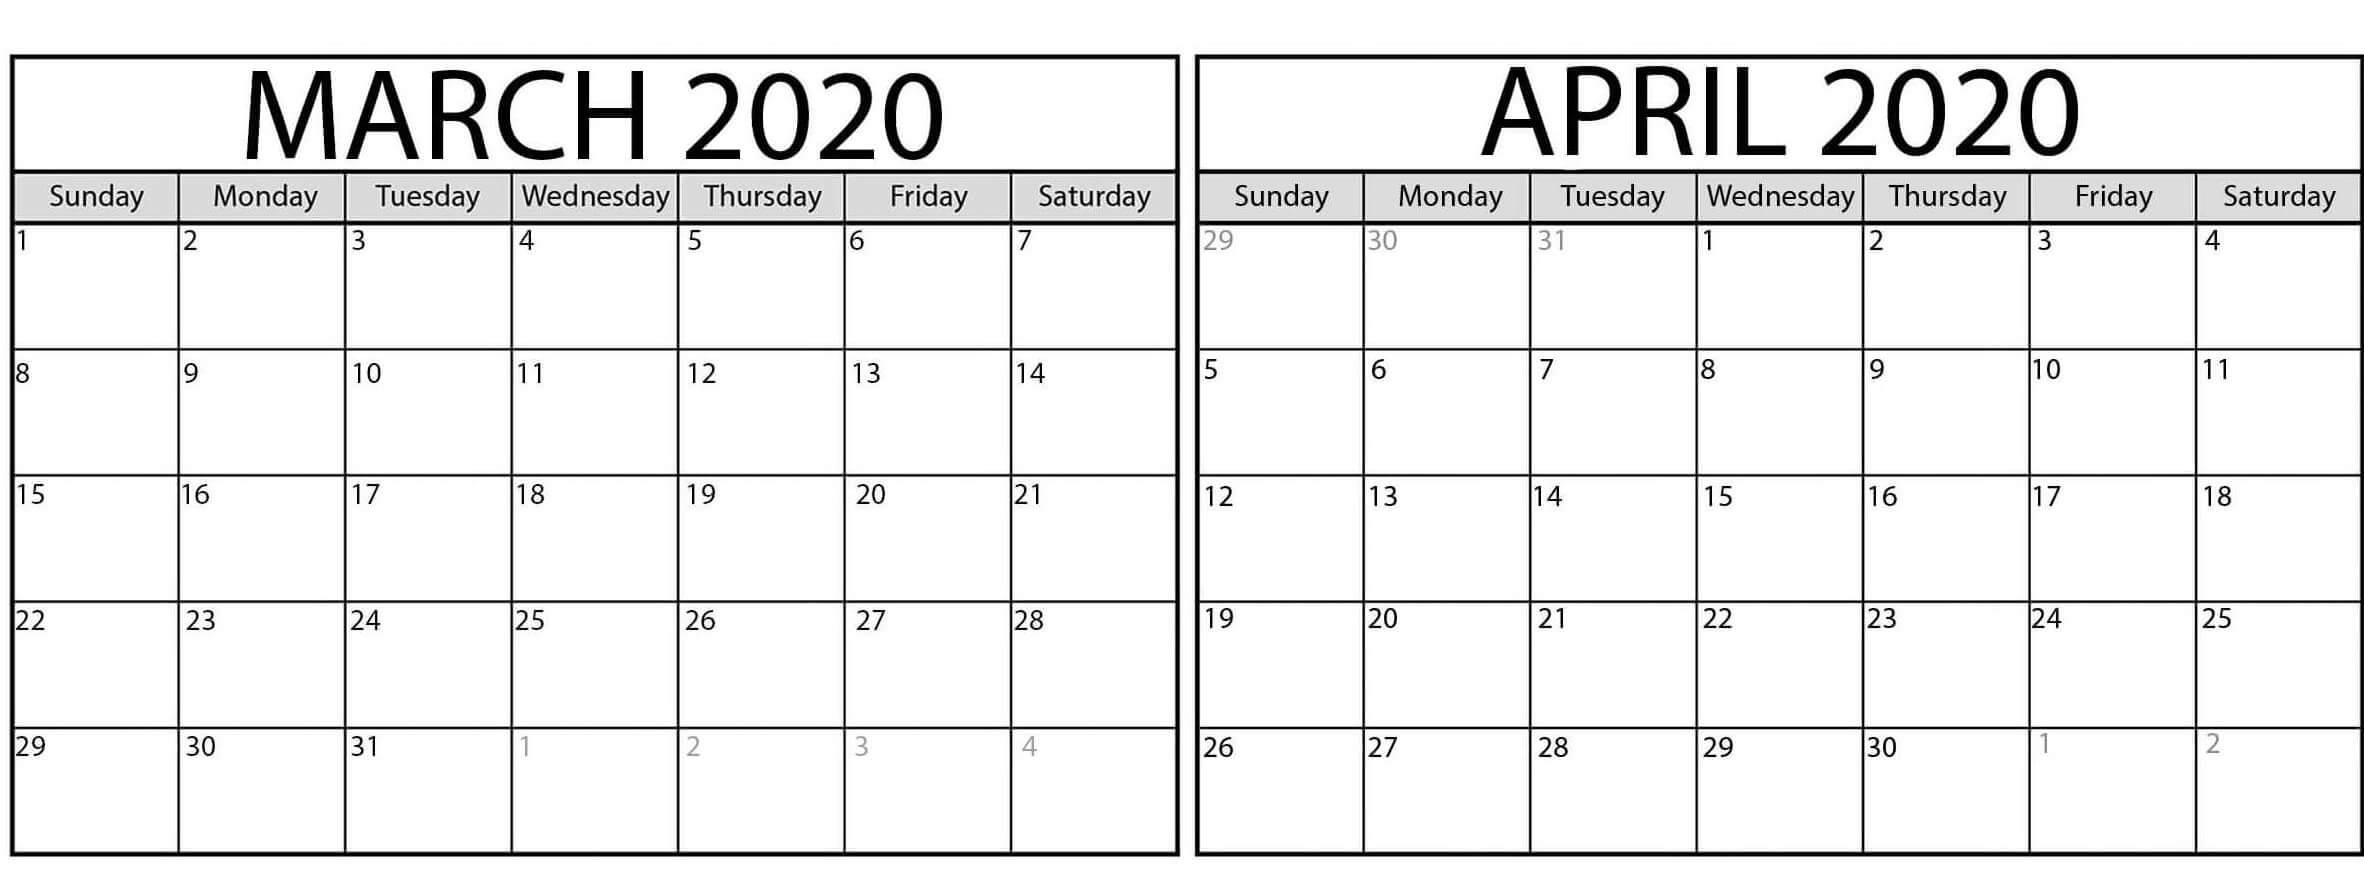 March April 2020 Calendar Pdf Colorful Templates - Set Your